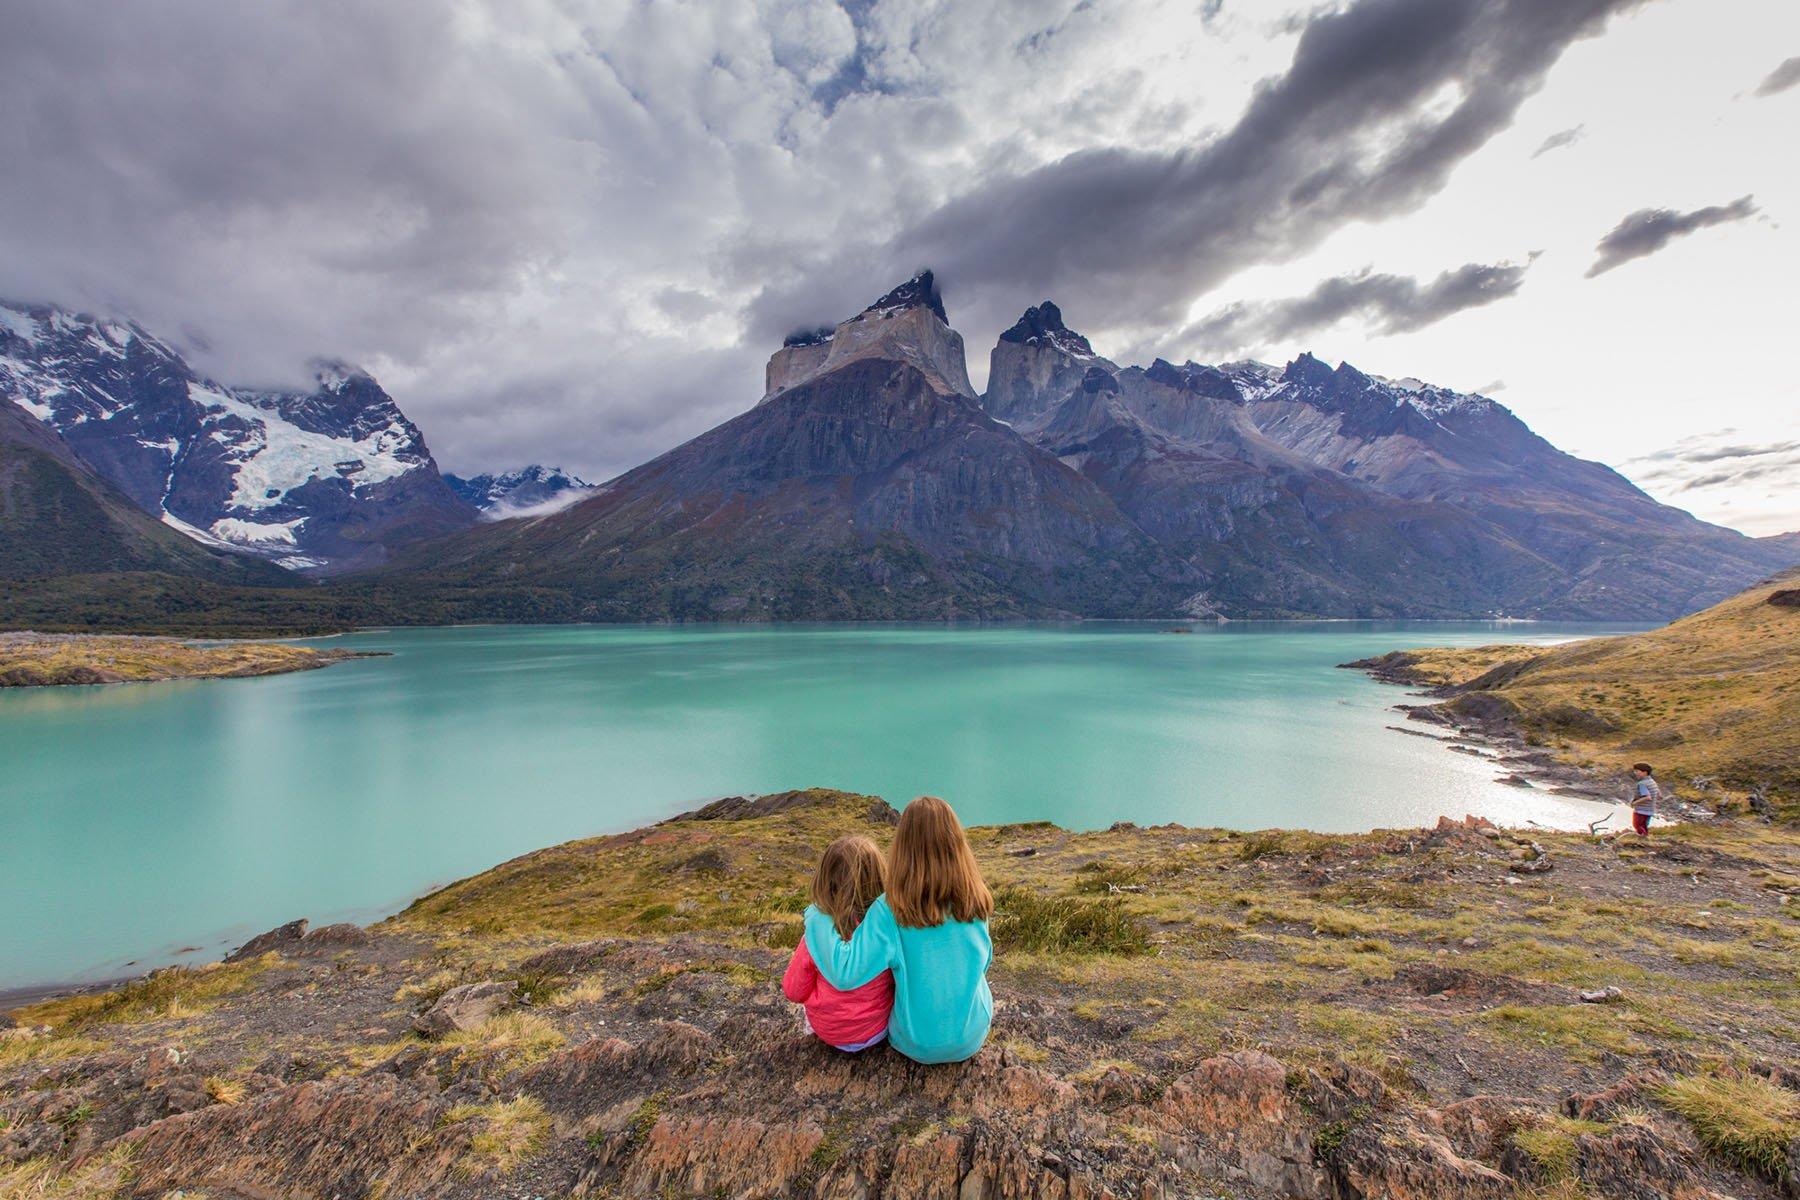 Torres del Paine - Vacaciones en Chile